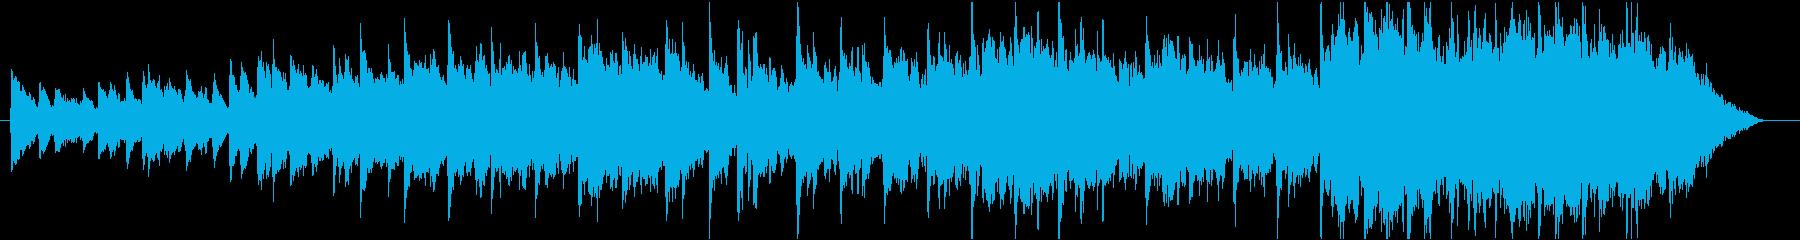 バラード、ルパンぽいヨーロピアンBGMの再生済みの波形